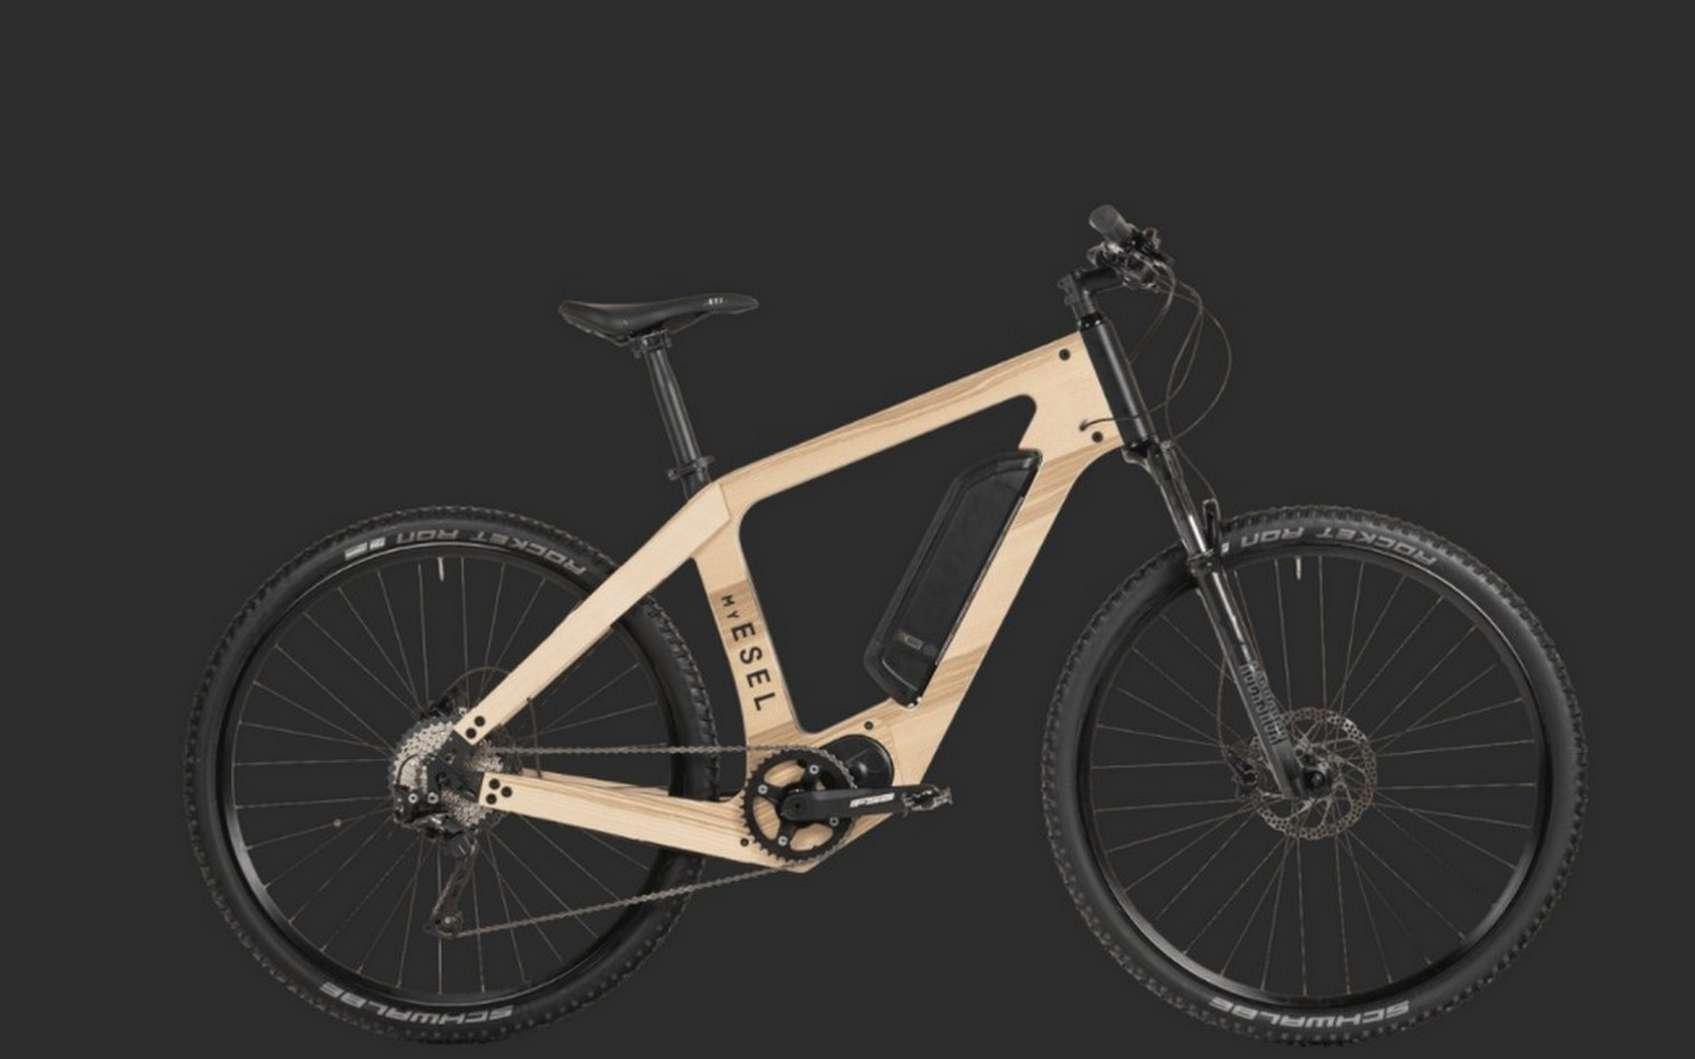 L'expertise de My Esel dans la conception de cadre de vélos en bois trouve sa source dans le ski. © My Esel